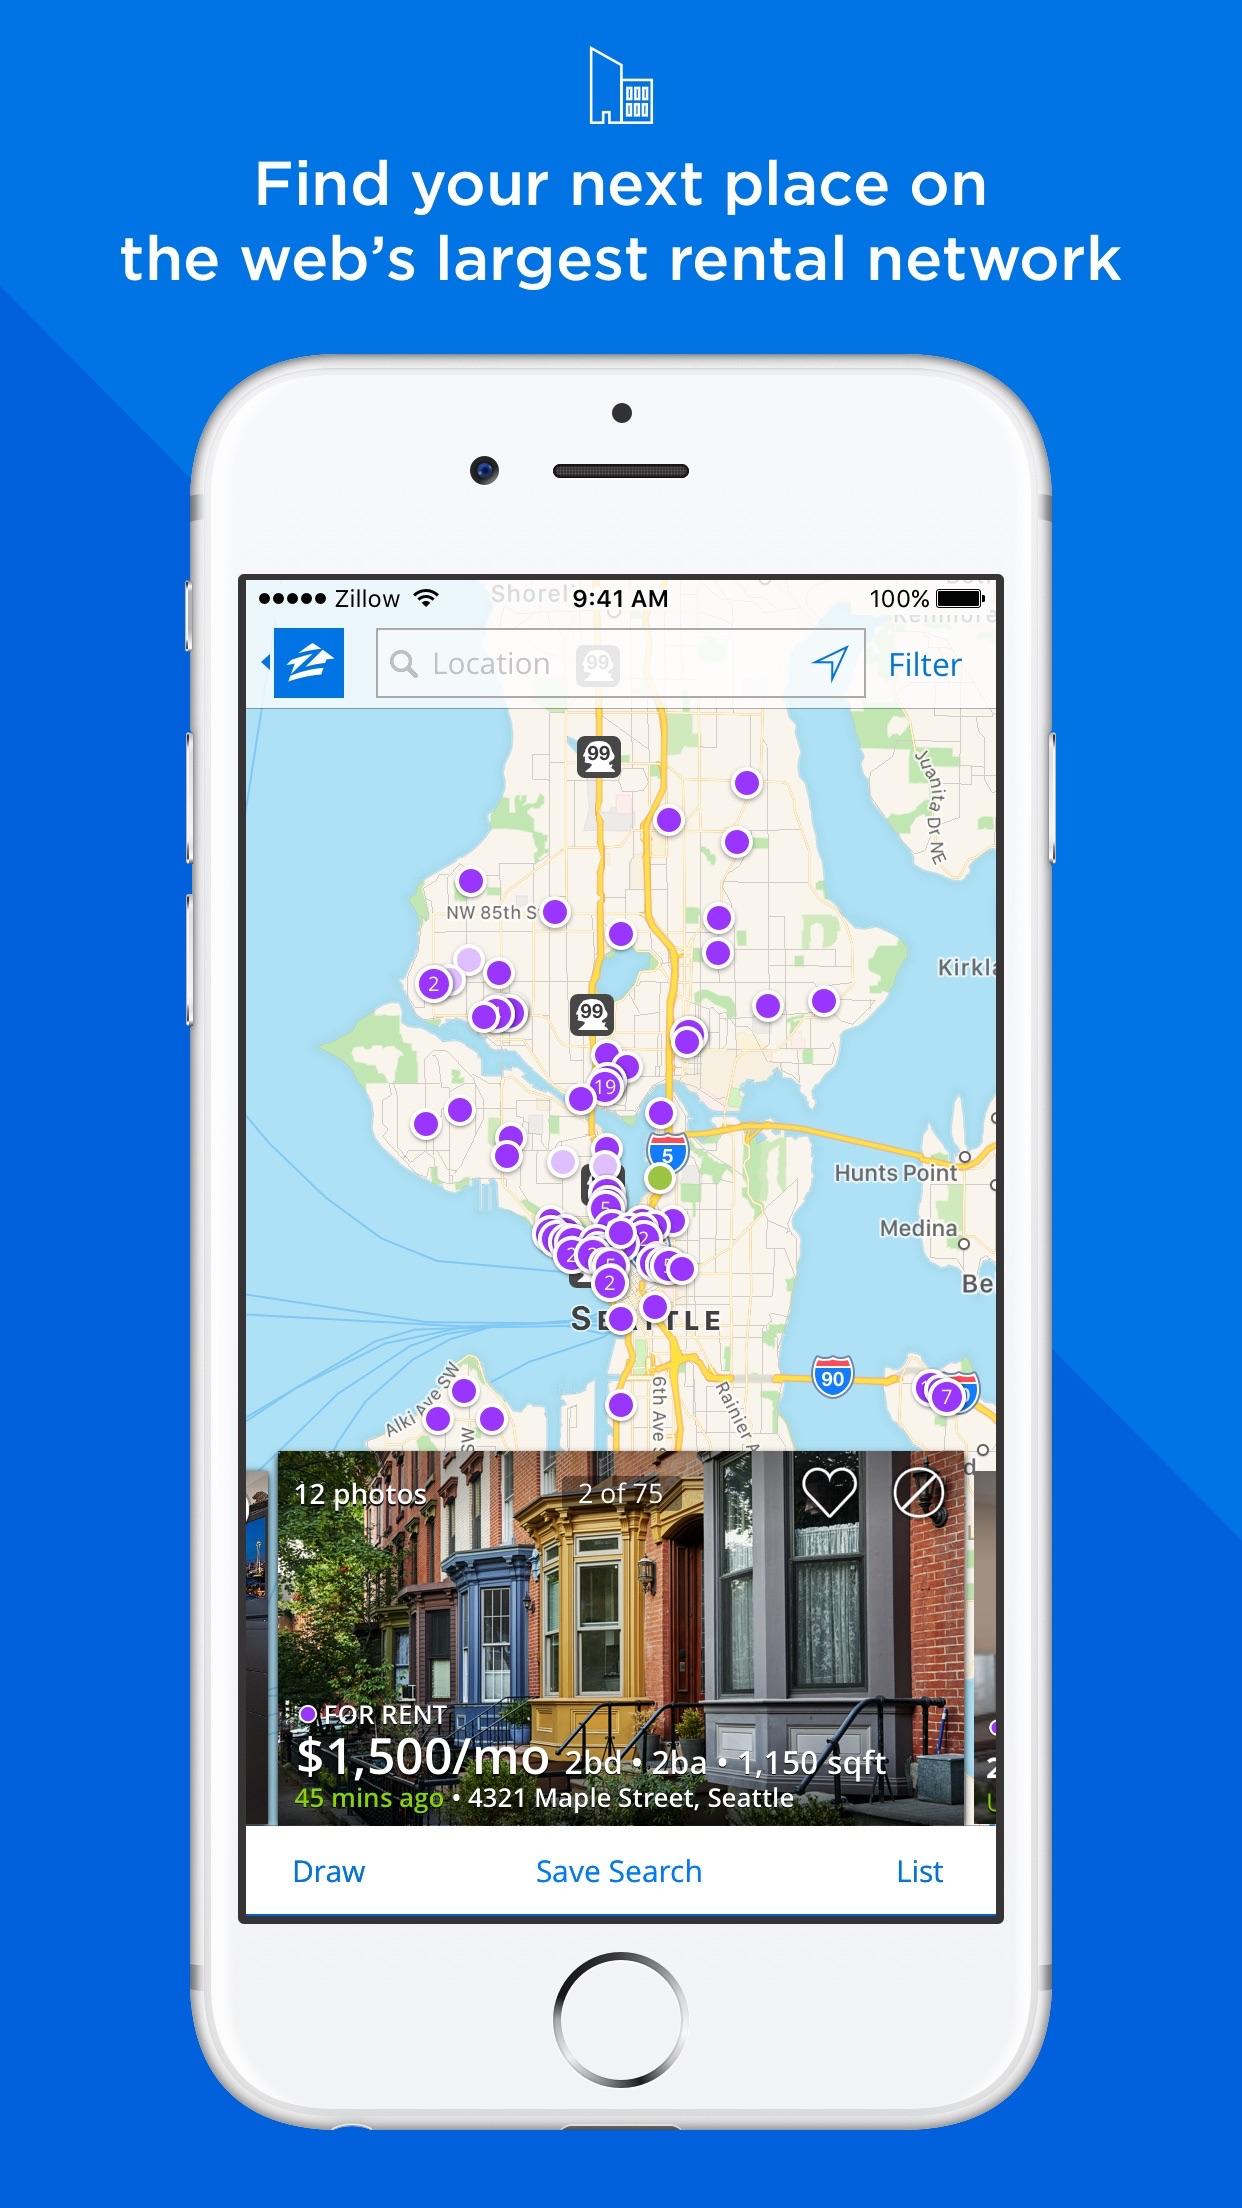 Apartments & Homes for Rent - Zillow Rentals Screenshot